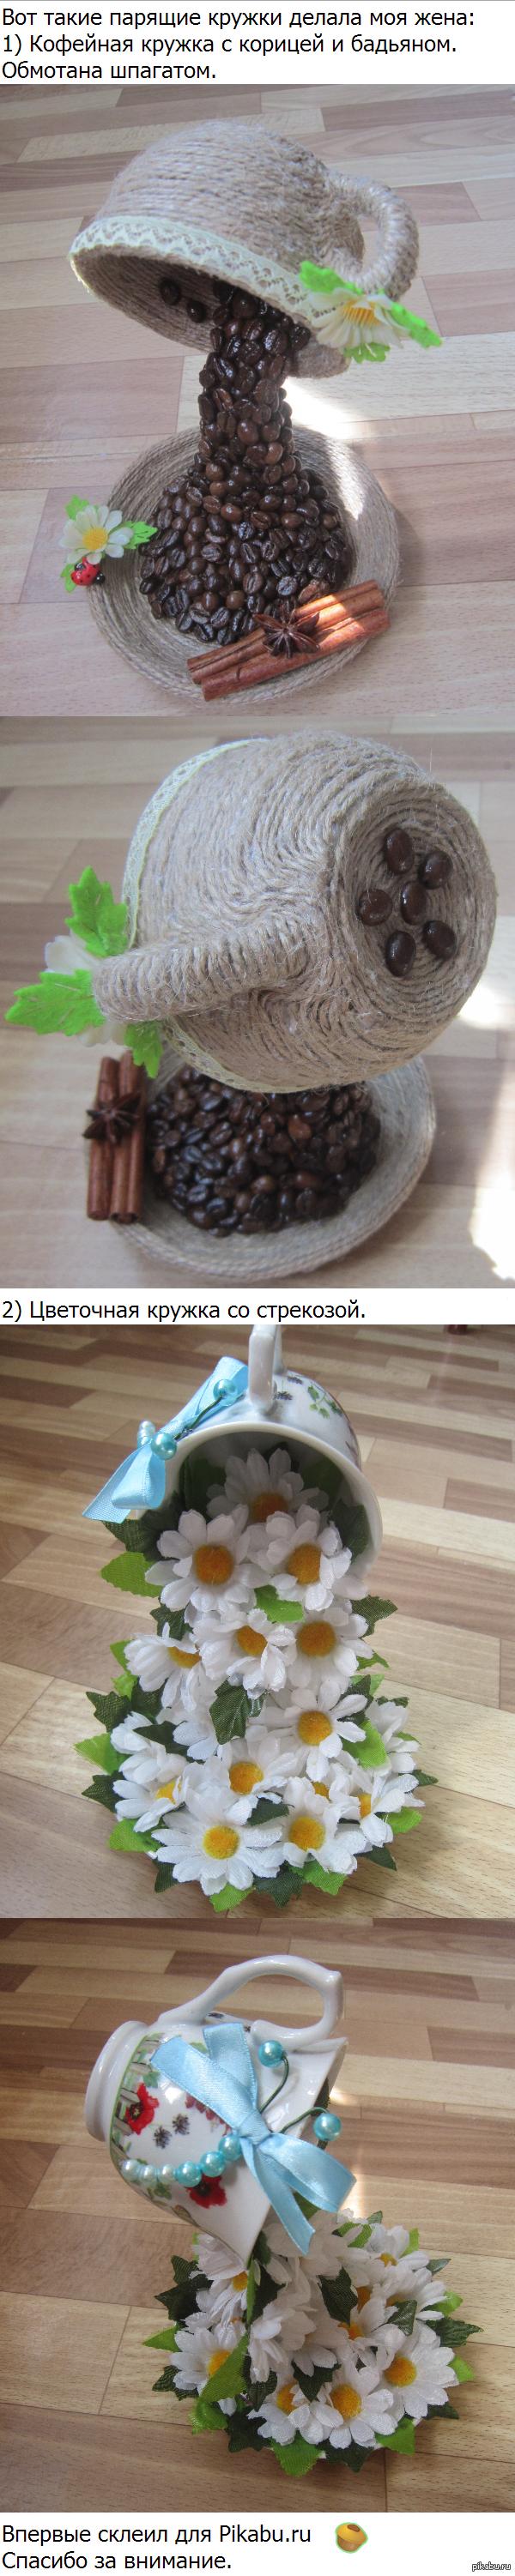 """Пятничное &quot;почти&quot; моё (жены) Продолжая тему парящих кружек <a href=""""http://pikabu.ru/story/pyatnichnoe_moyo_2615257"""">http://pikabu.ru/story/_2615257</a>"""